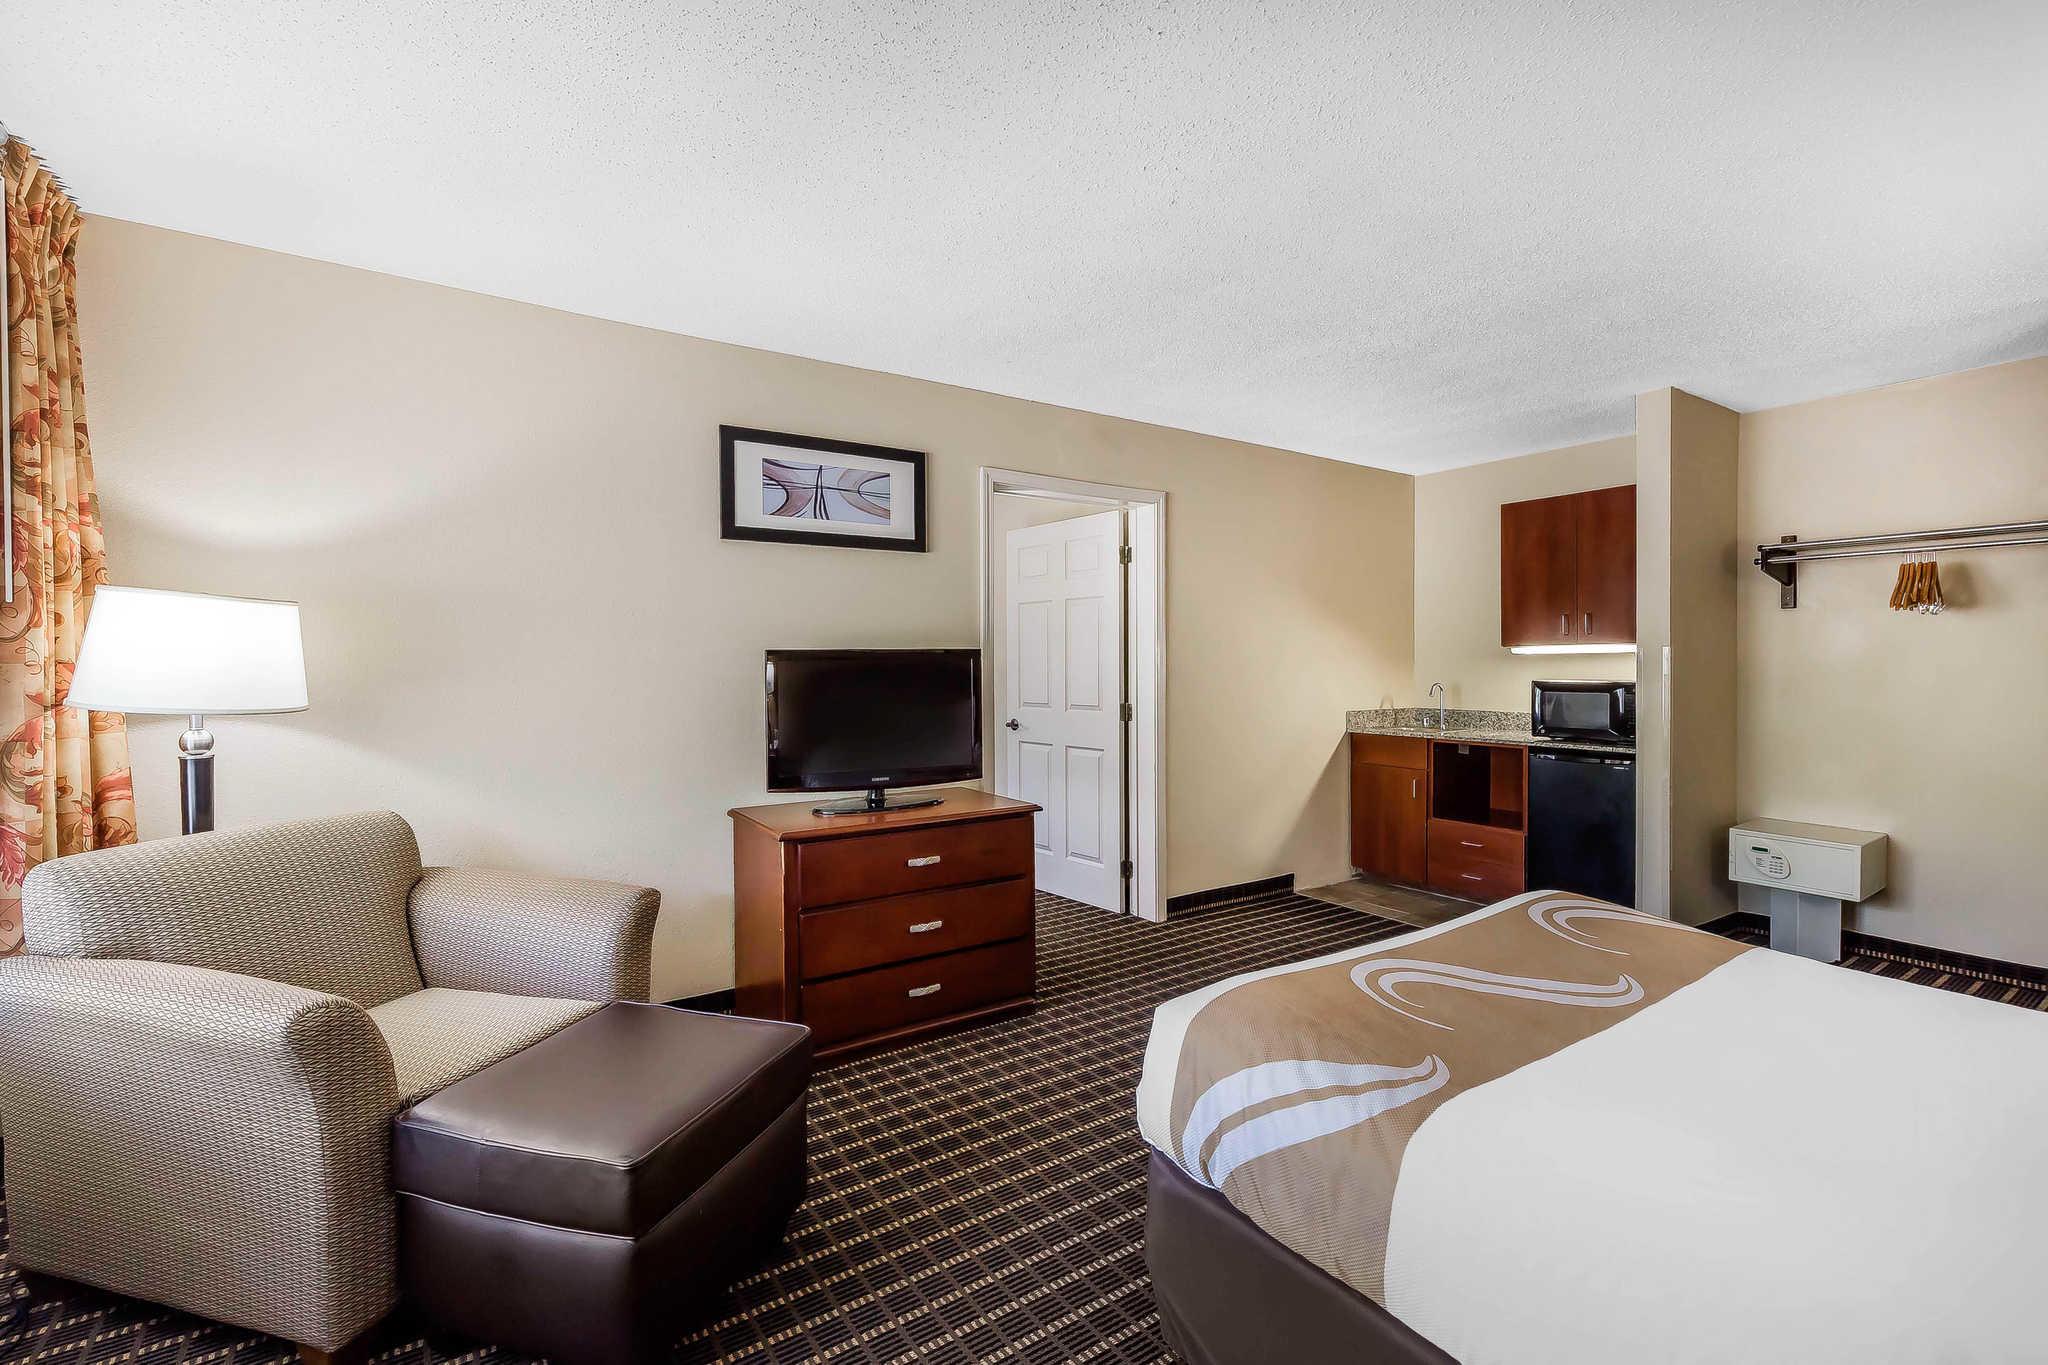 Quality Inn & Suites River Suites image 23